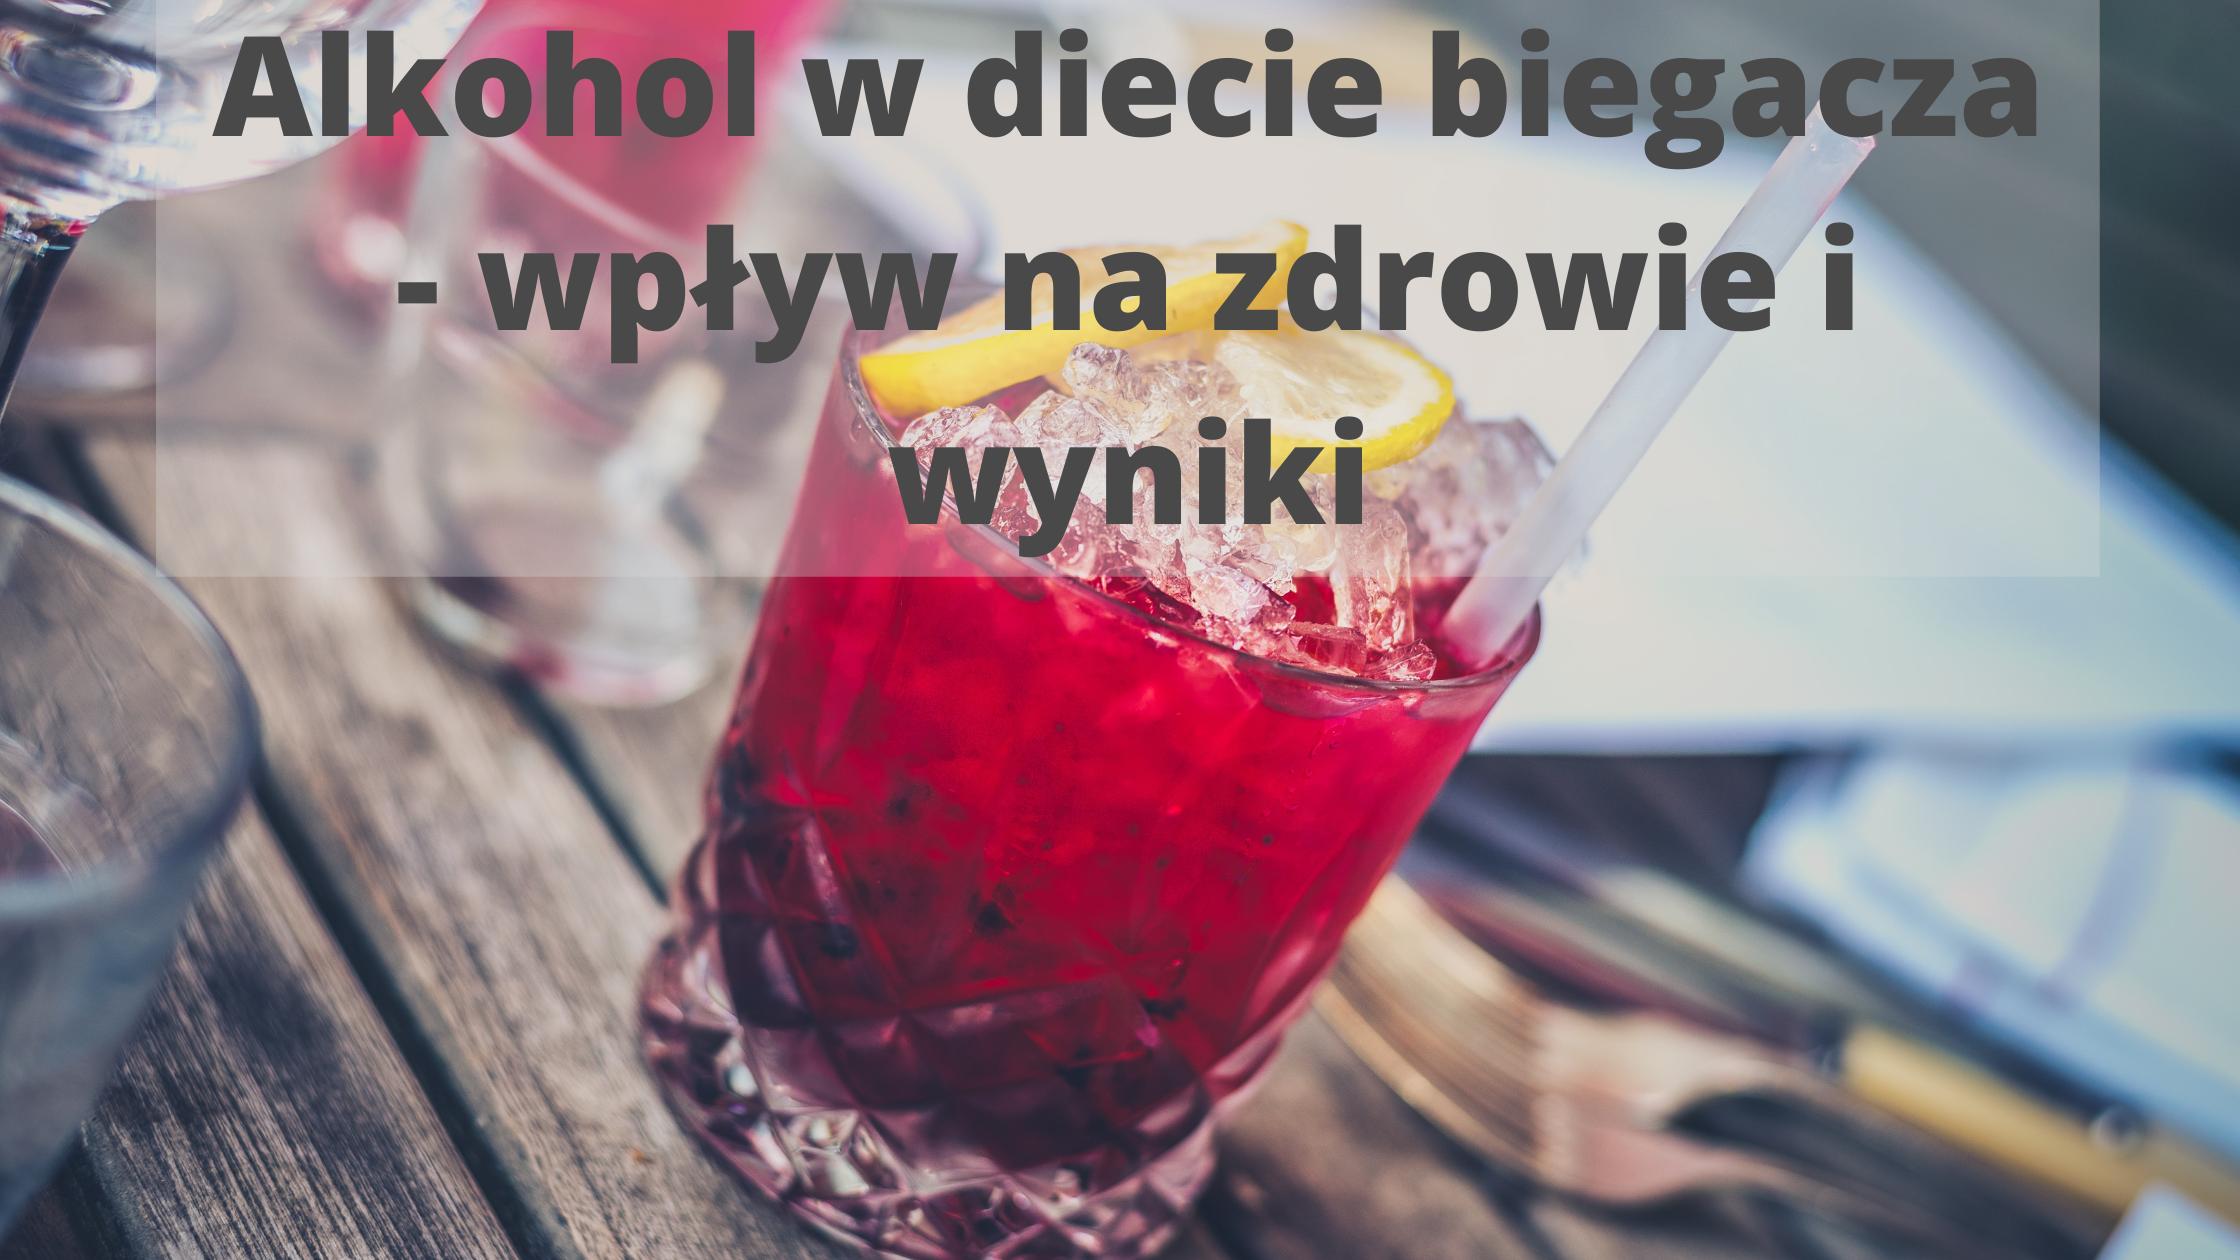 alkohol w diecie biegacza